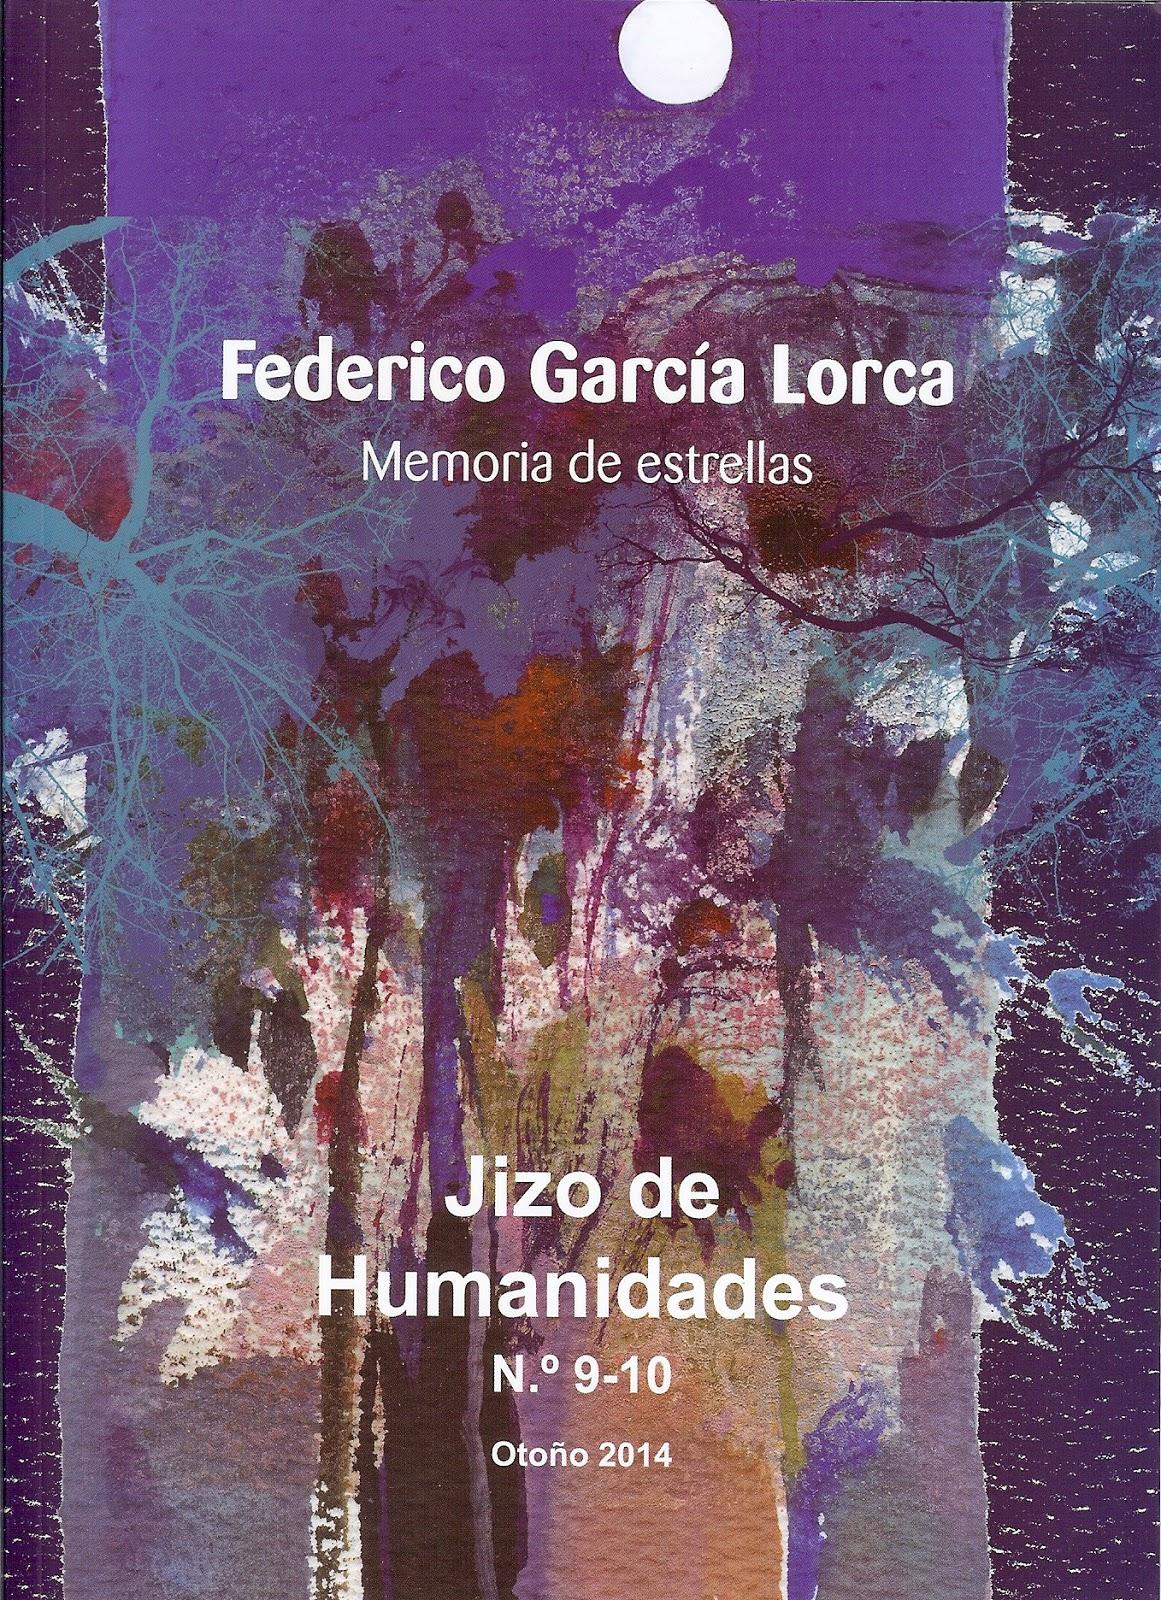 Jizo de Humanidades, Memoria de estrellas, Federico García Lorca. Ancile